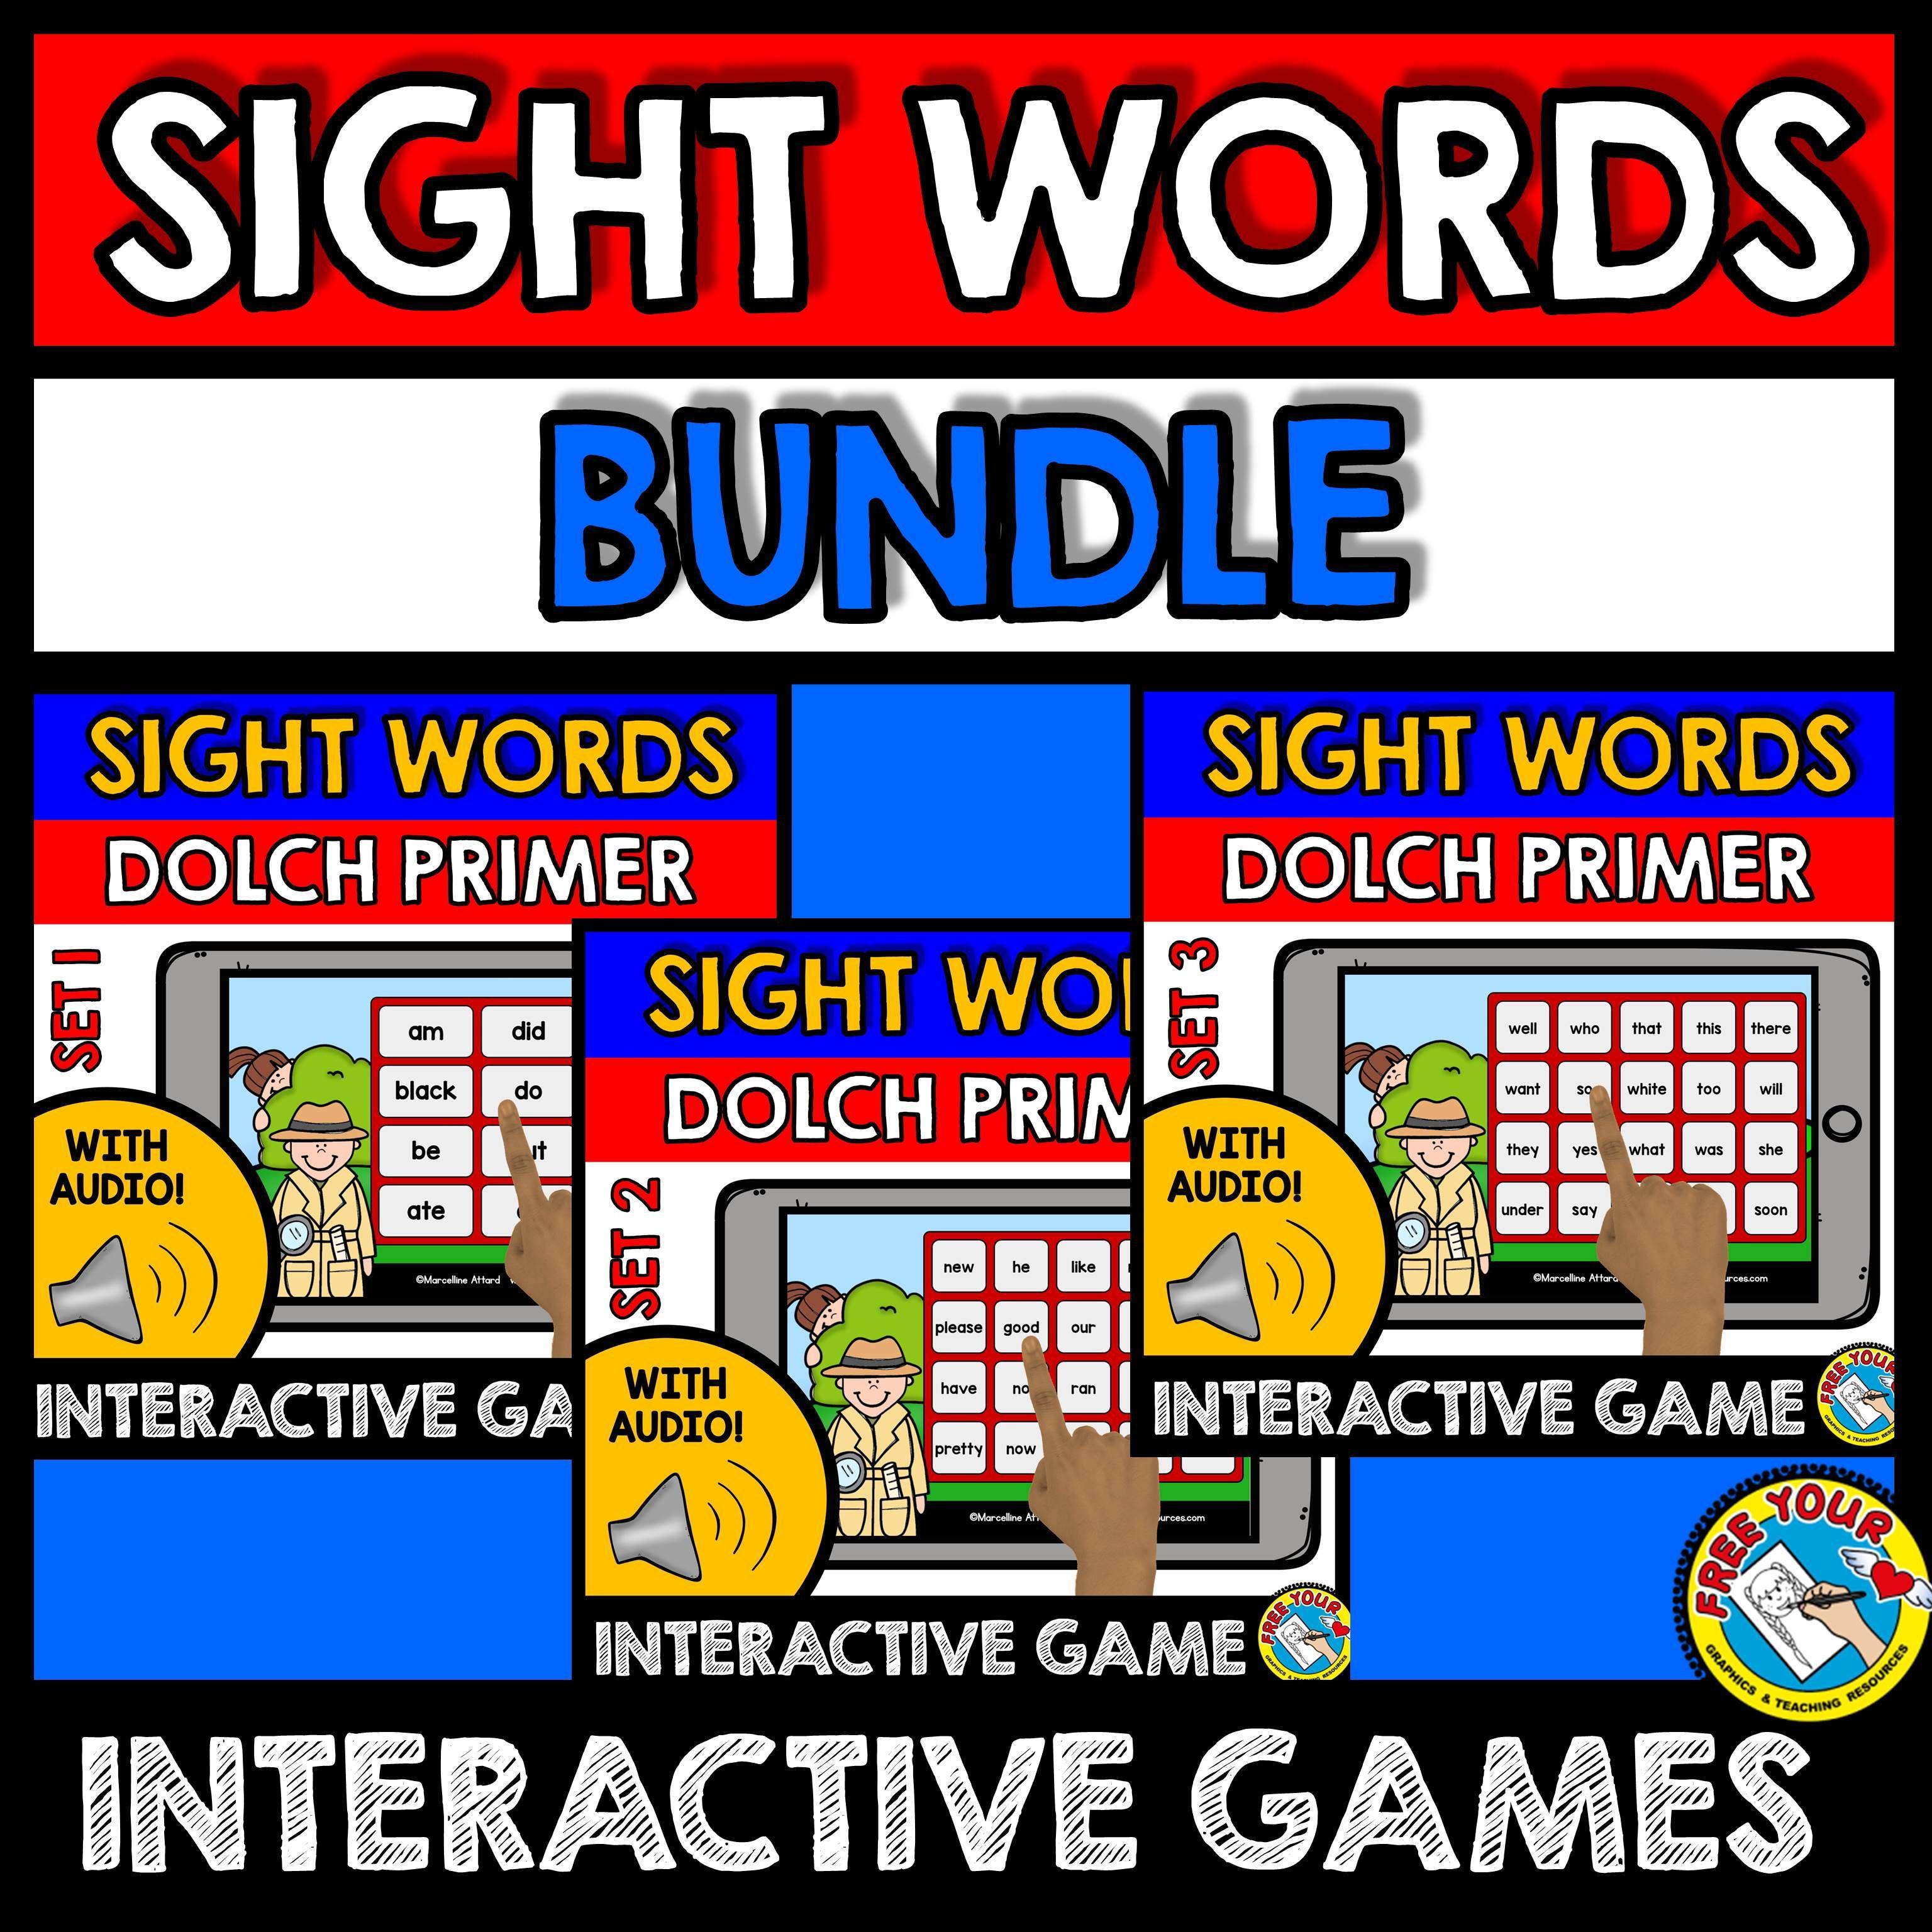 Dolch Primer Sight Words Kindergarten Games Boom Cards